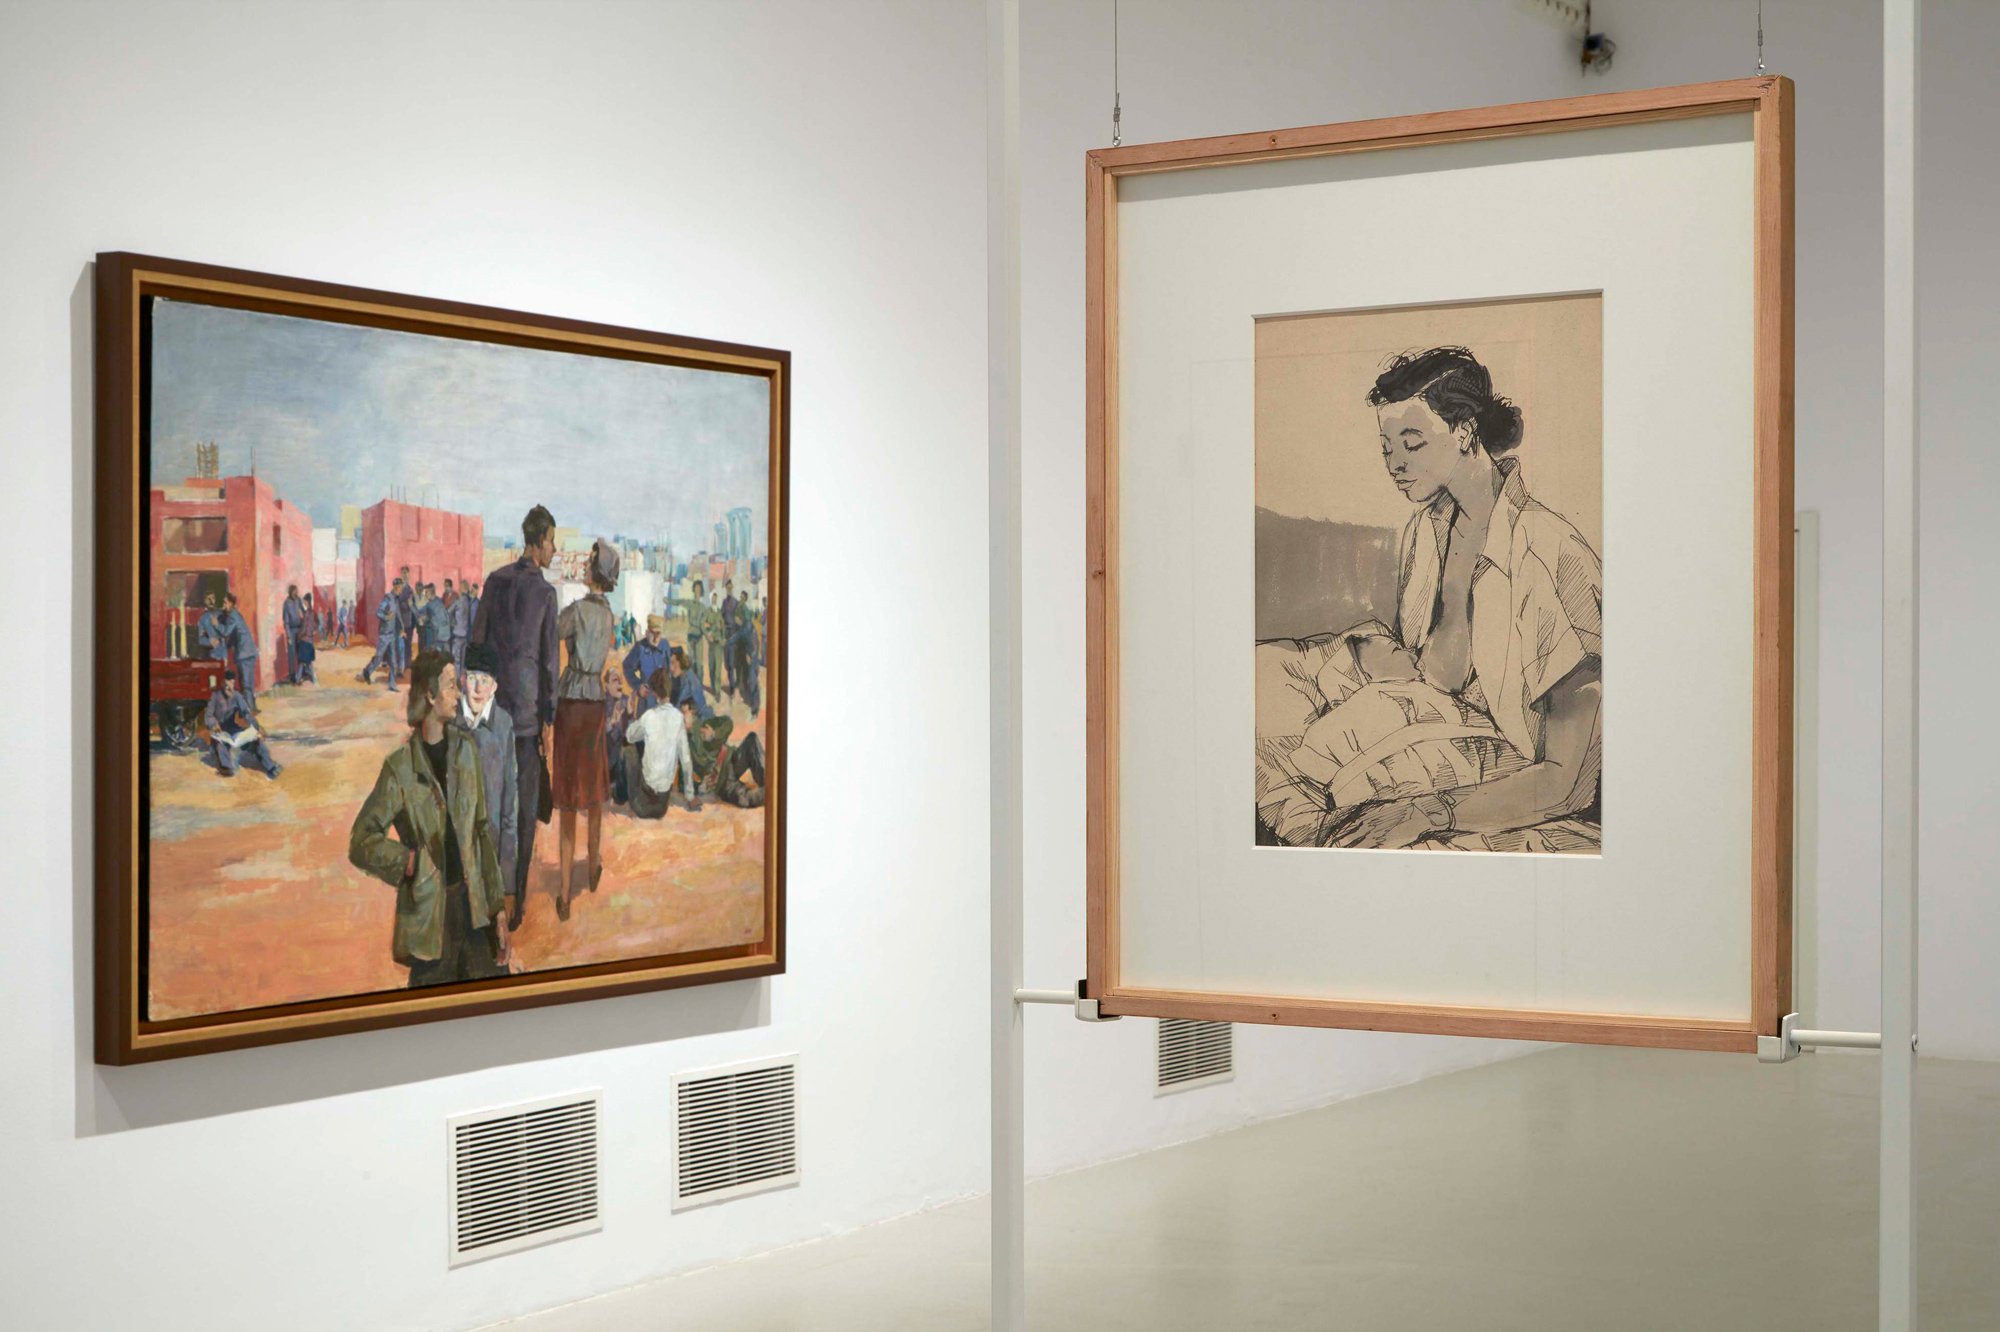 Andrzej Wróblewski, Recto / Verso, widok wystawy